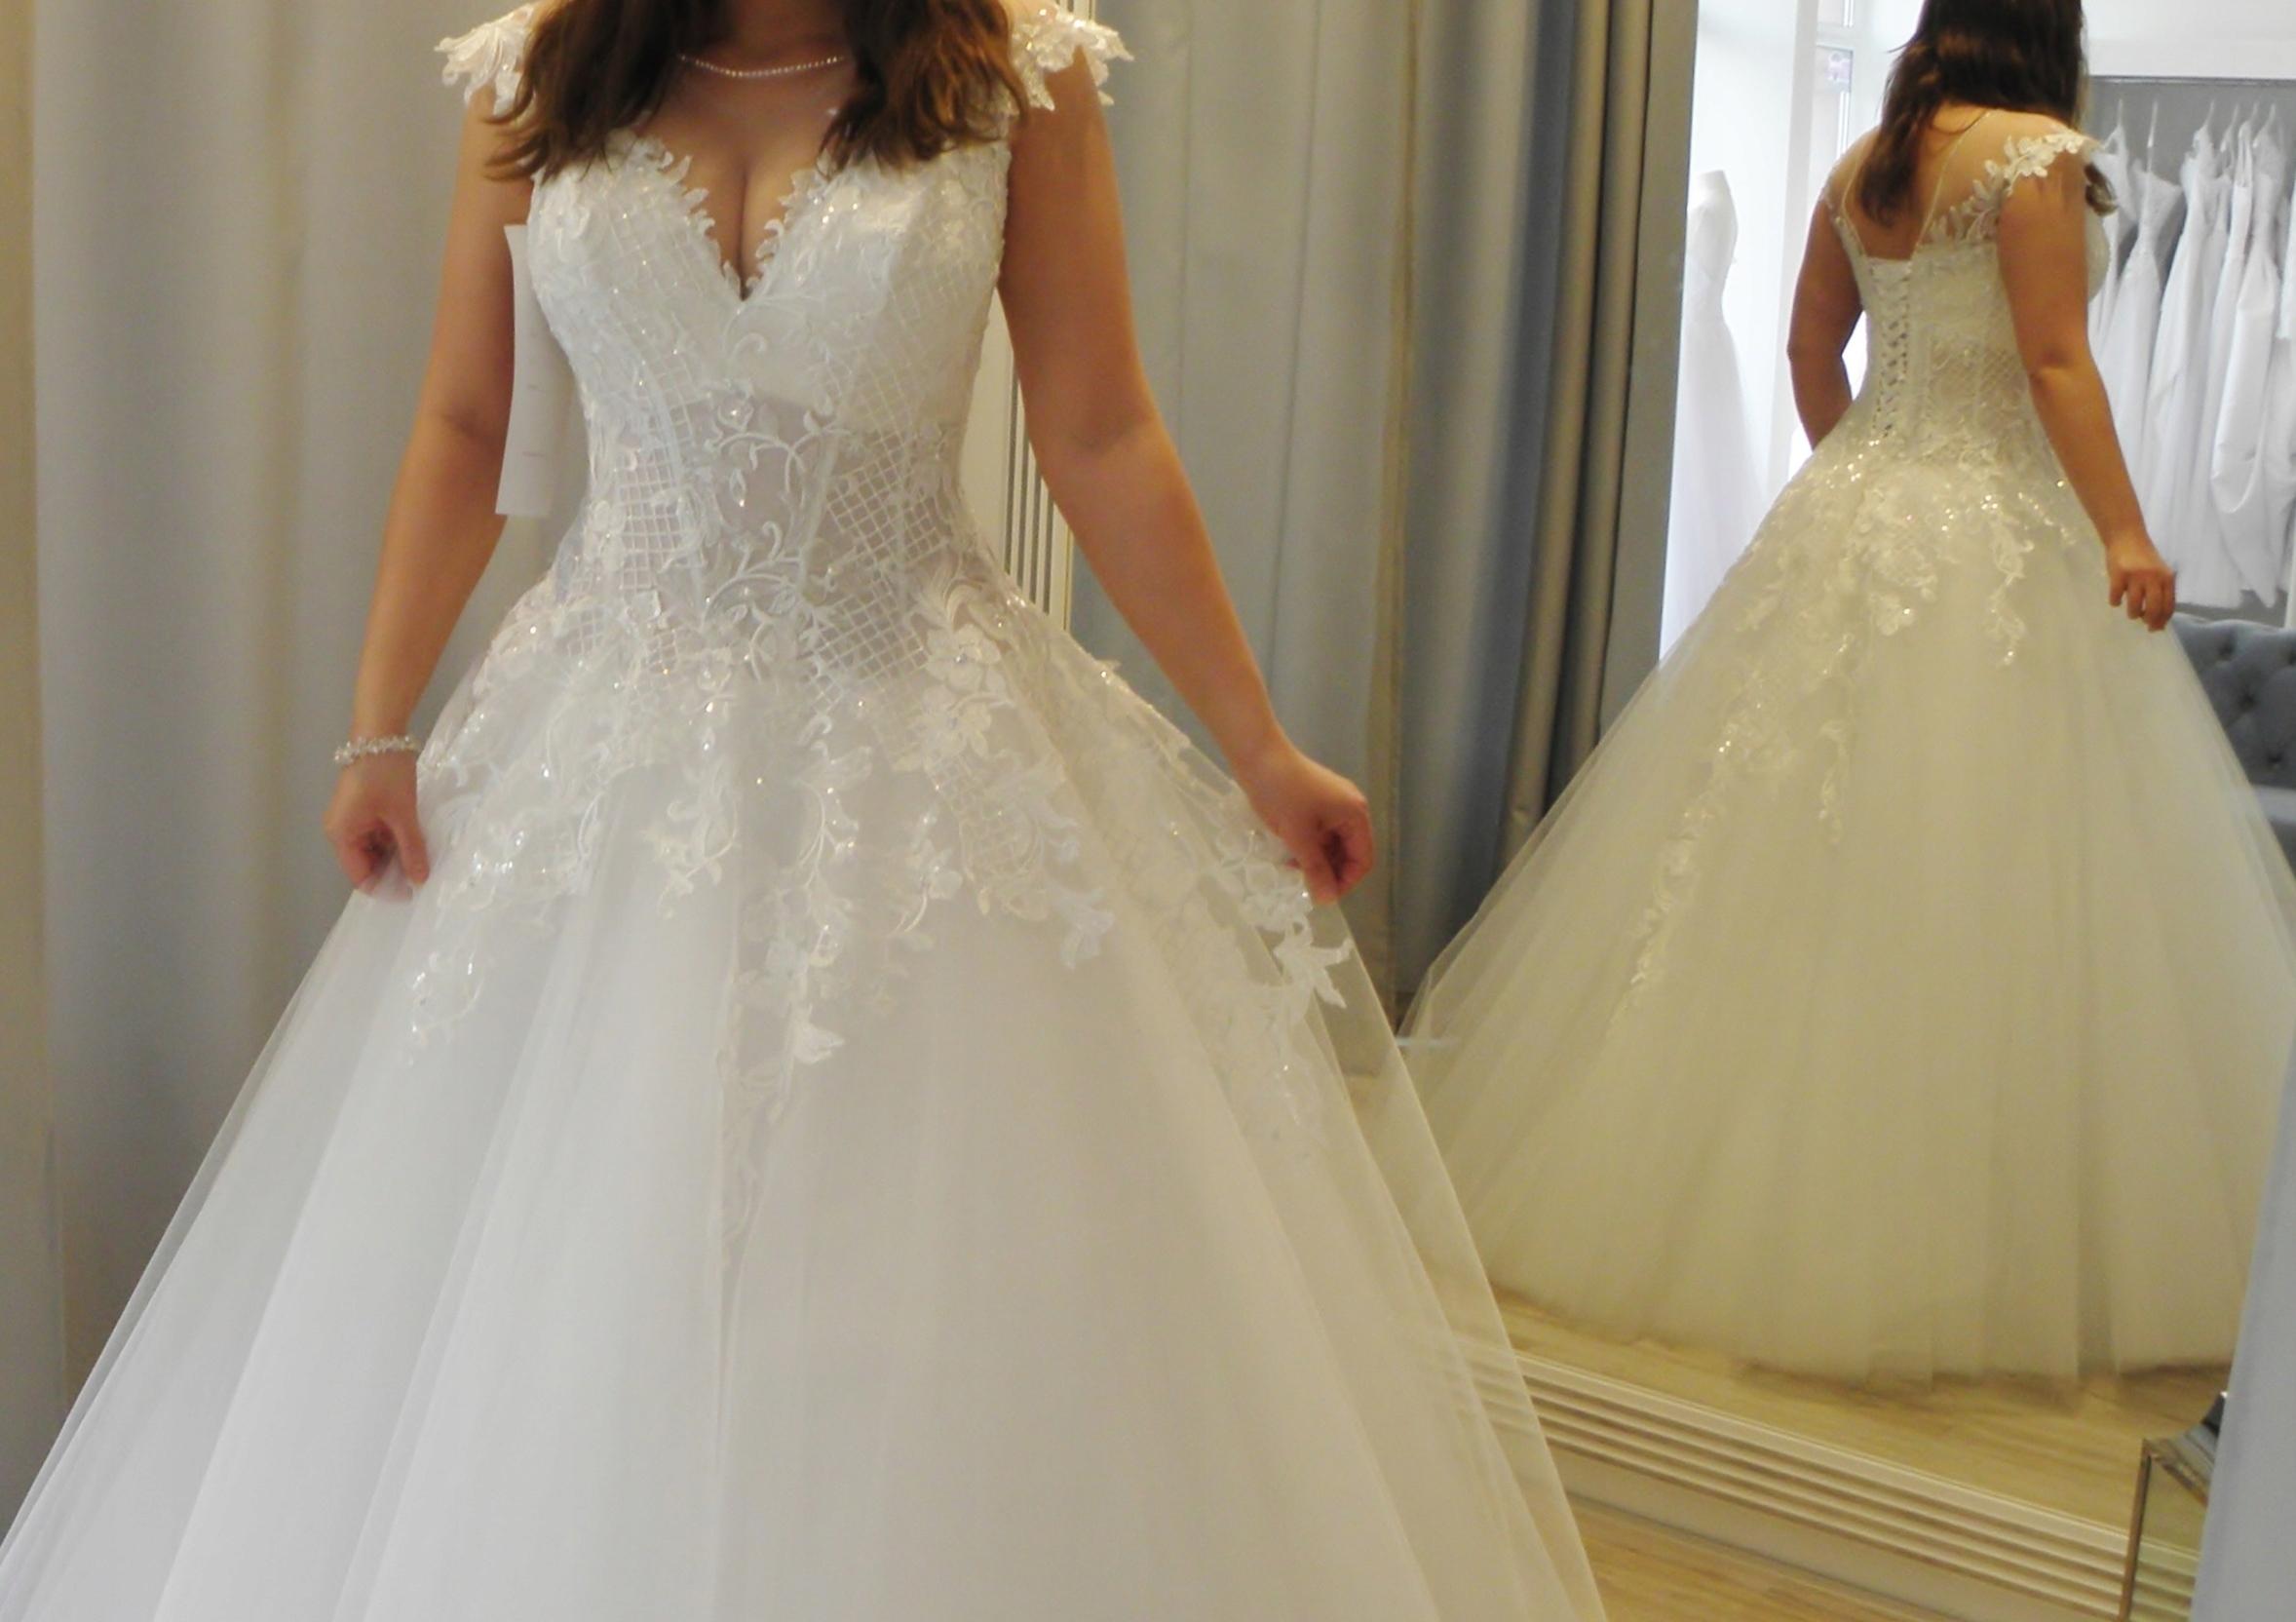 Suknia ślubna Agora 18 11 Gorset R L Bolerko 7478727035